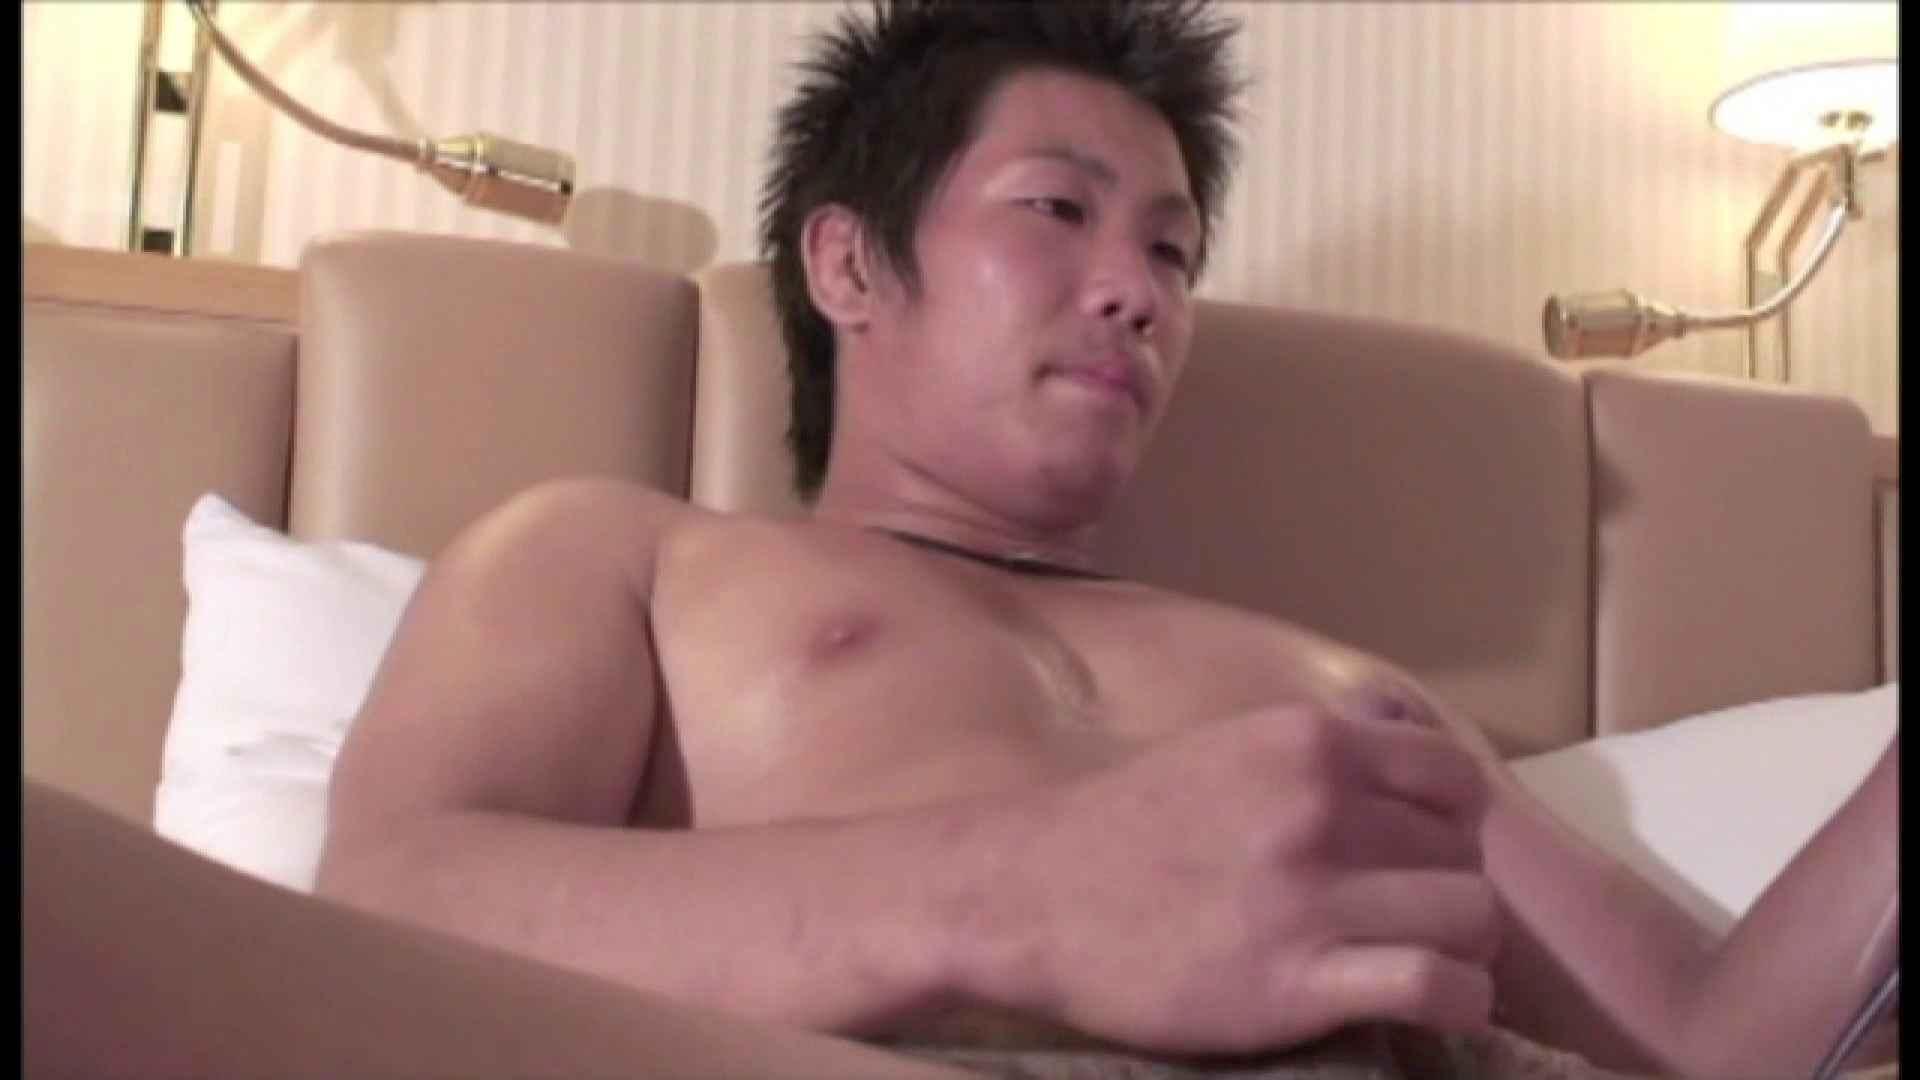 ノンケイケメンの欲望と肉棒 Vol.25 エロ  90pic 11